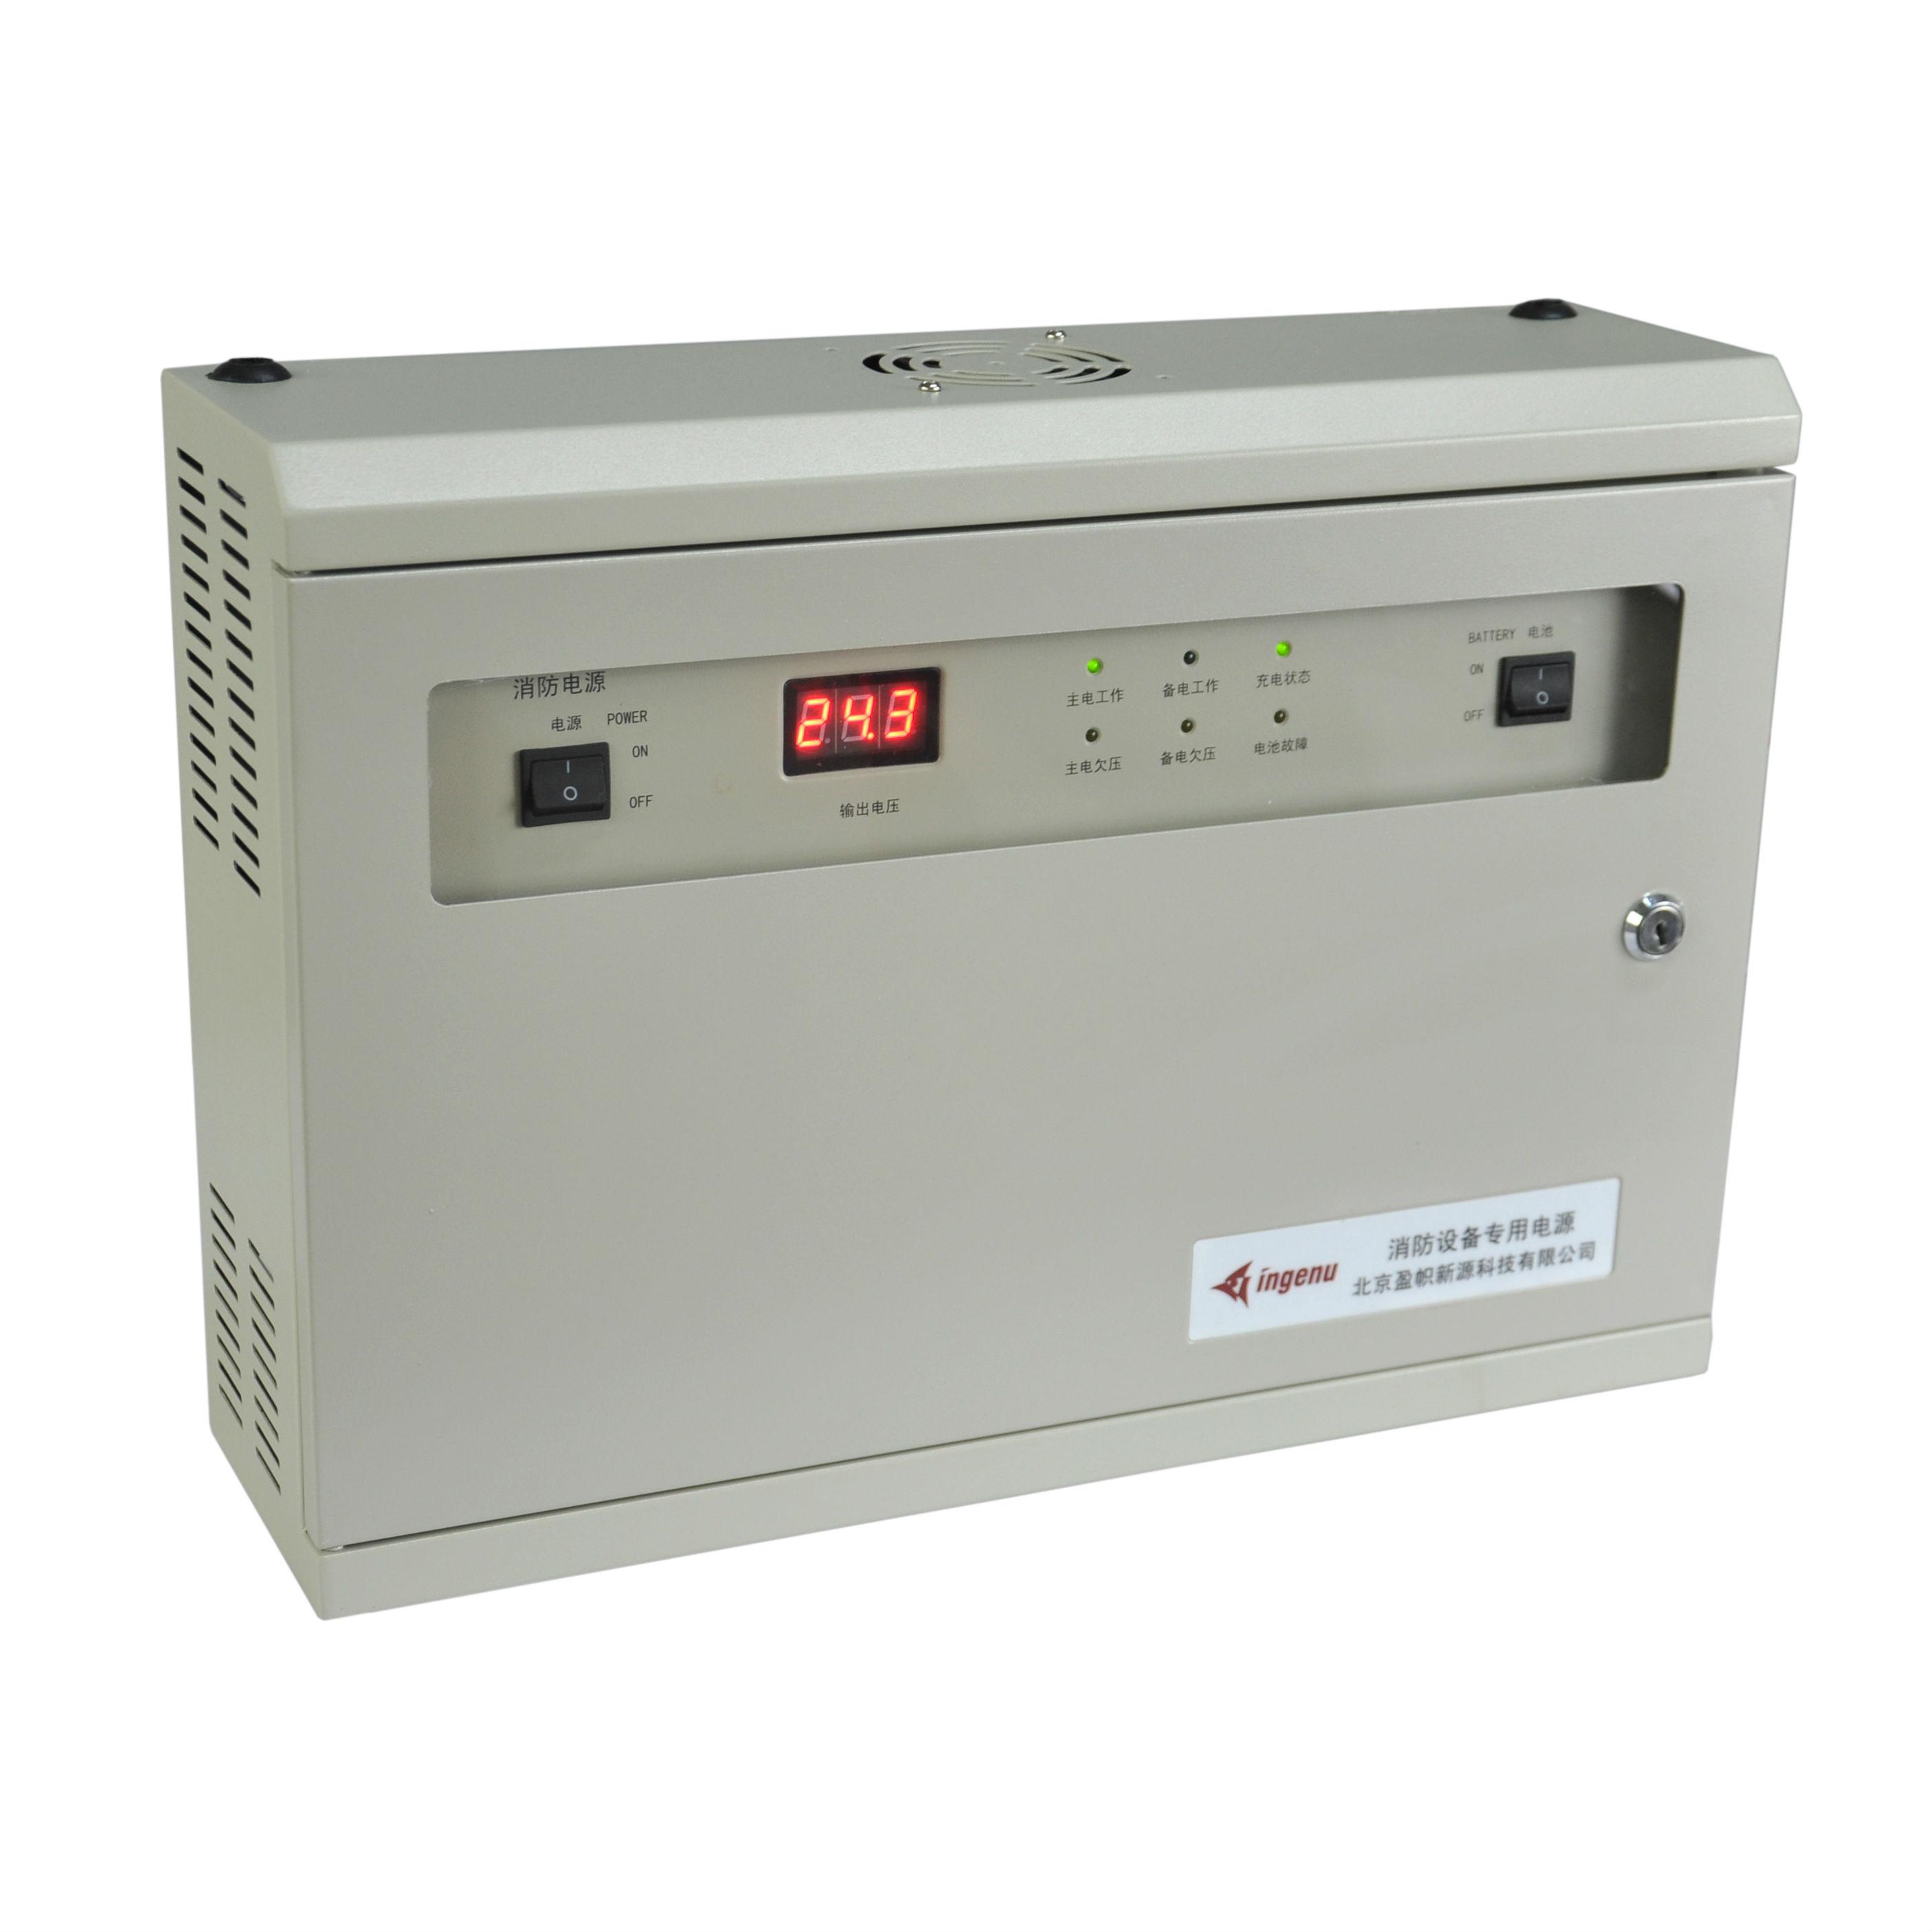 直流不间断电源-南消集团